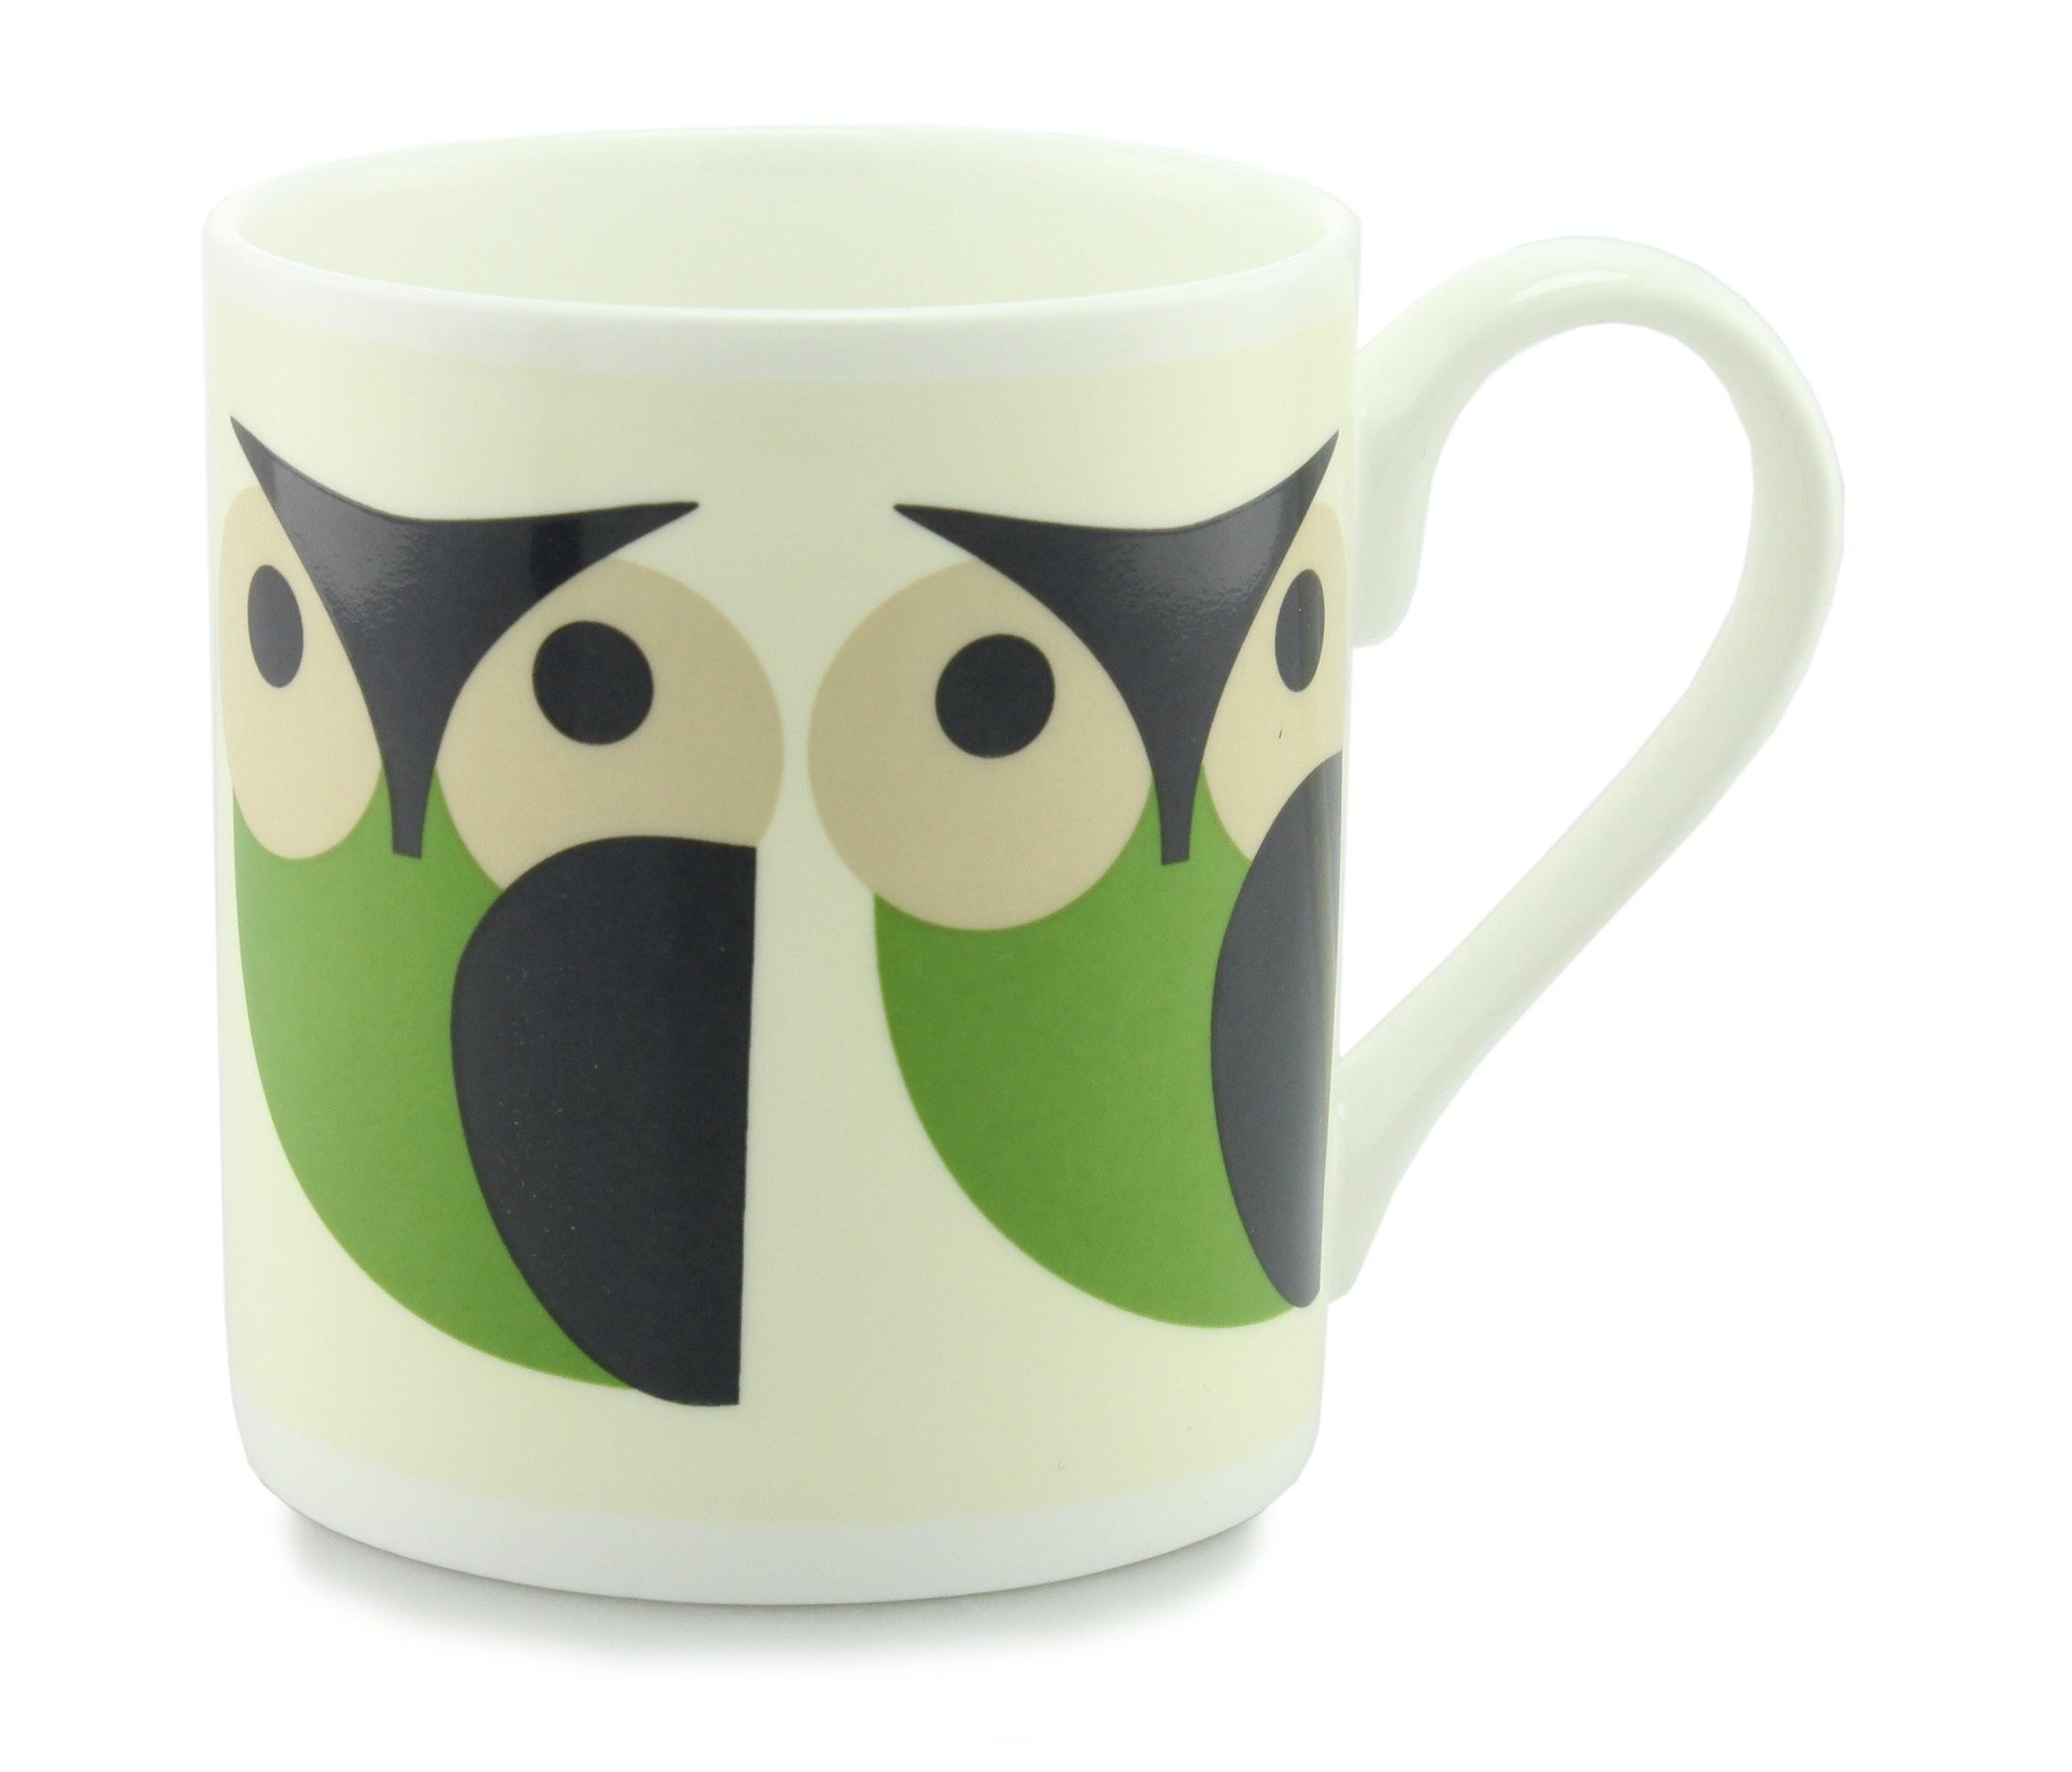 Orla Kiely Green Owl Mug